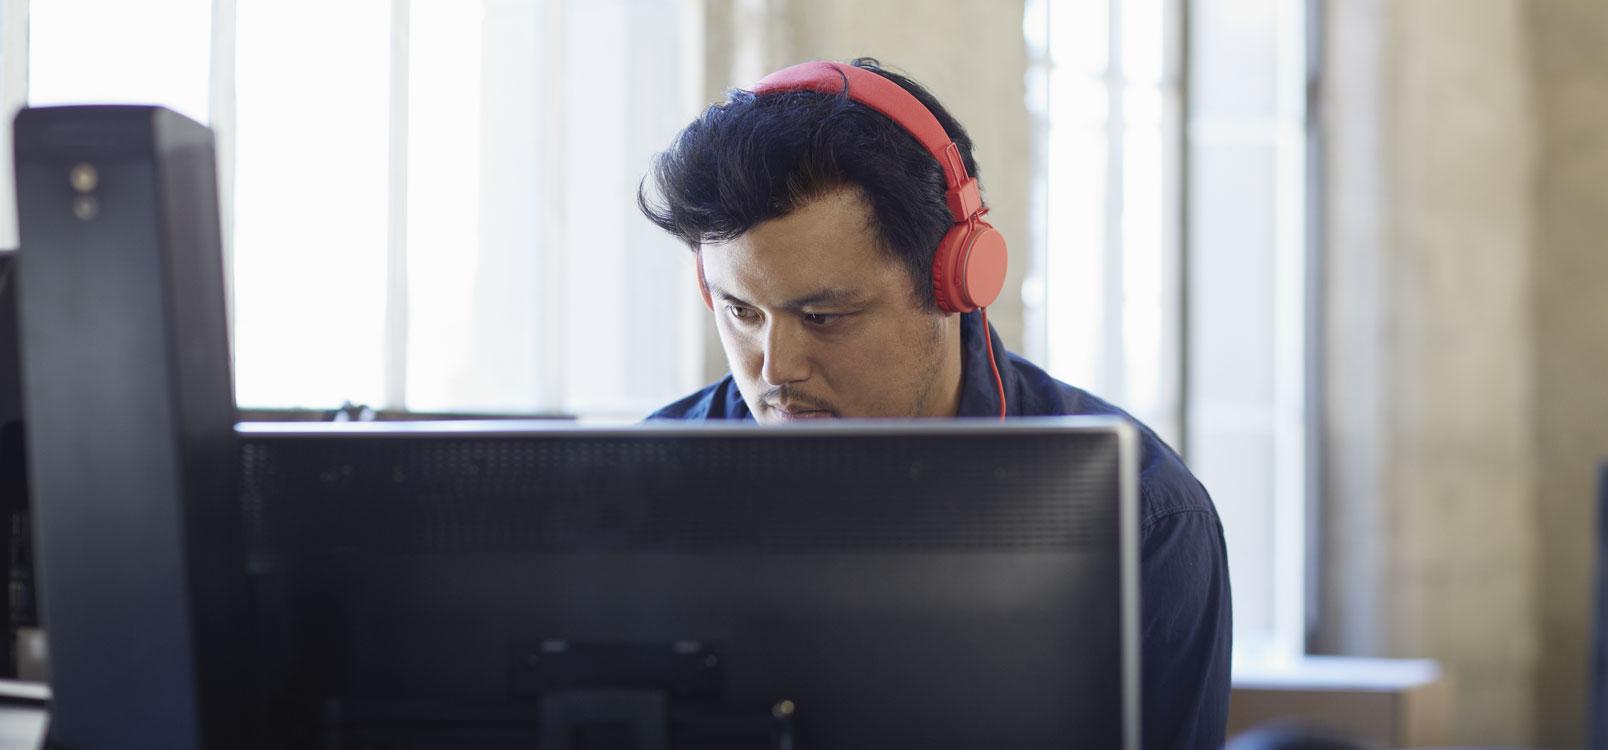 Muž se sluchátky pracuje na stolním počítači s Office 365 usnadňujícím správu IT